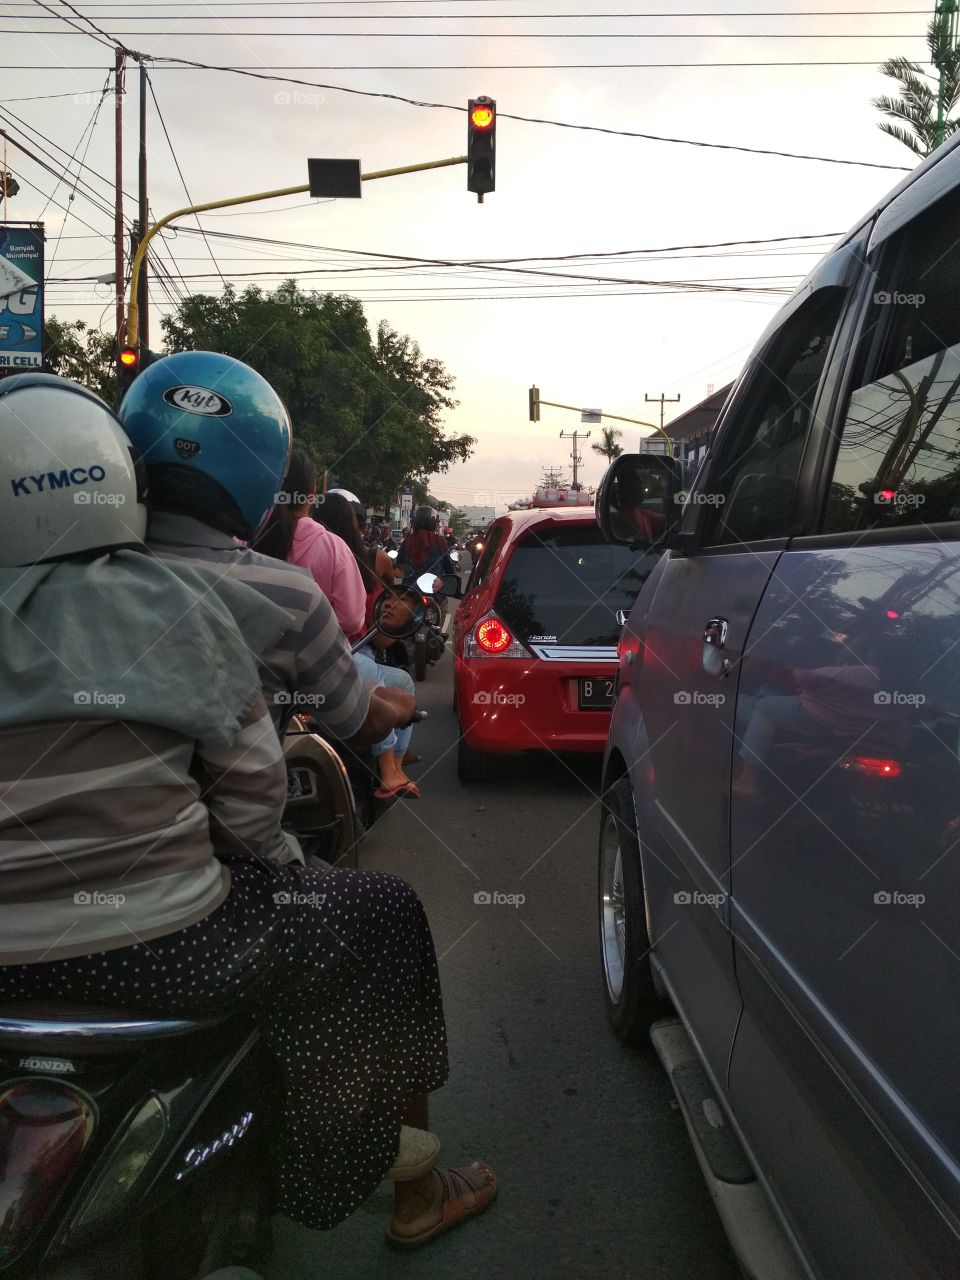 Waiting for traffic light